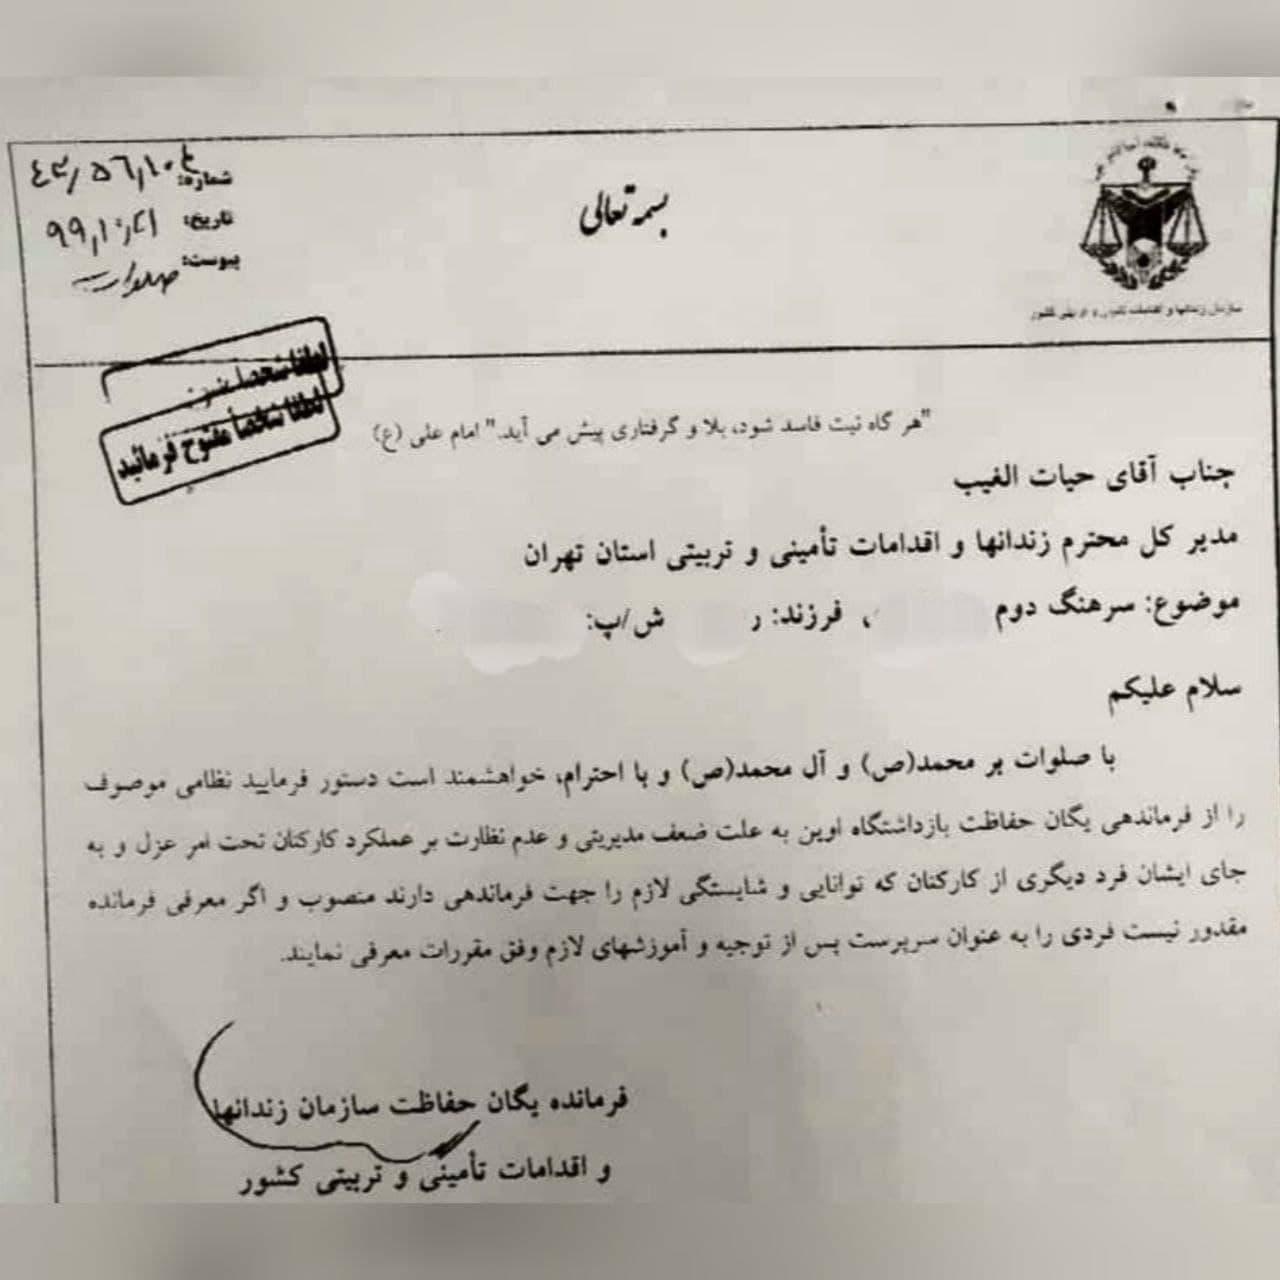 رئیس سازمان زندانها تصویر دستور عزل فرمانده حفاظت زندان اوین را منتشر کرد